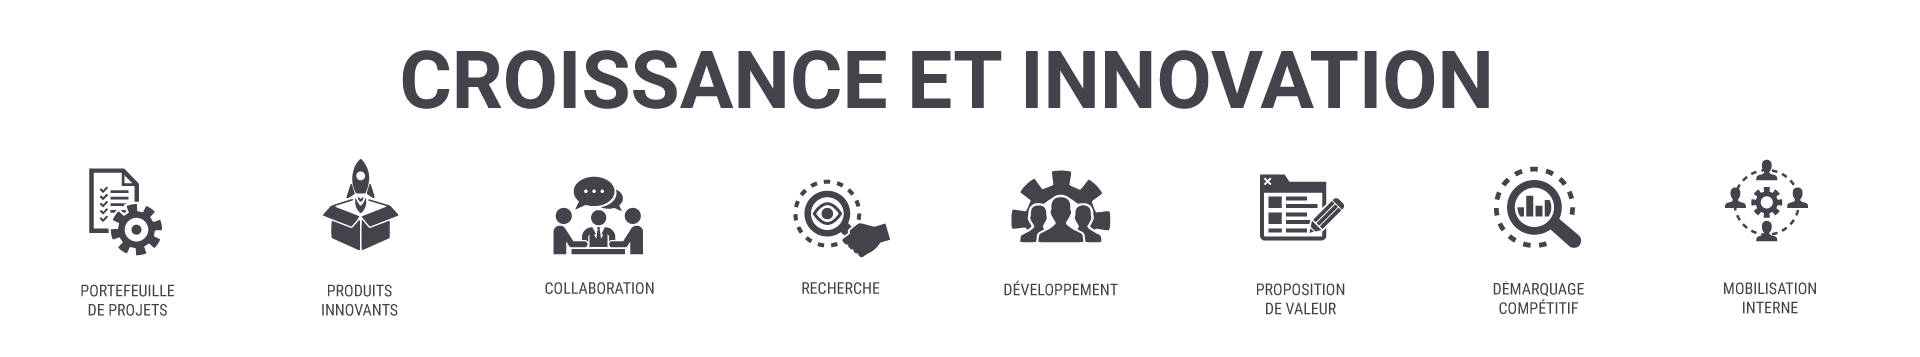 dpme-cercle-croissance-innovation-developpement